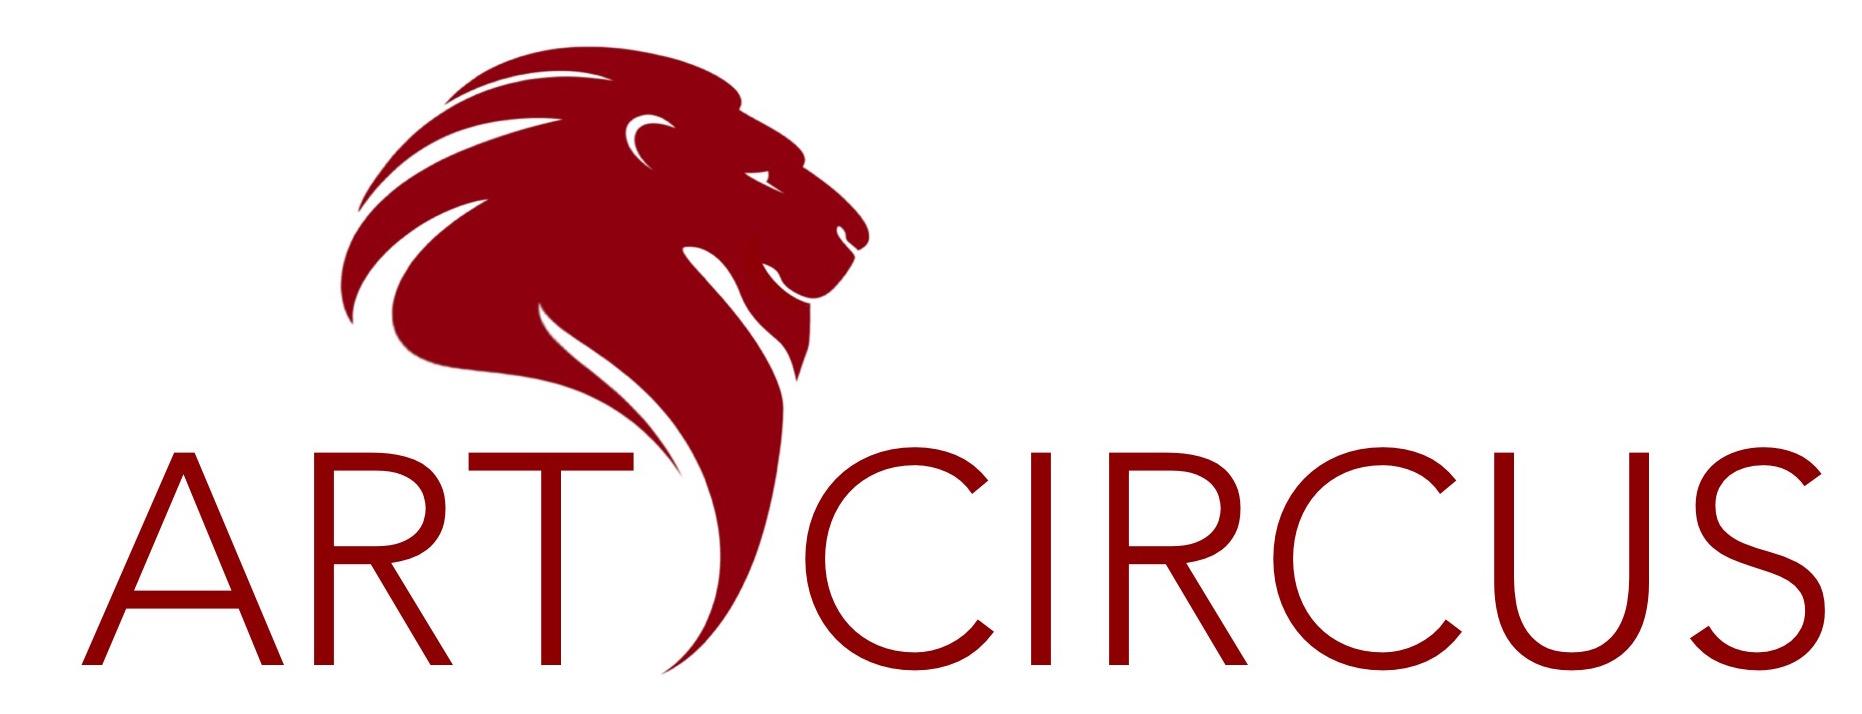 Art Circus Brand